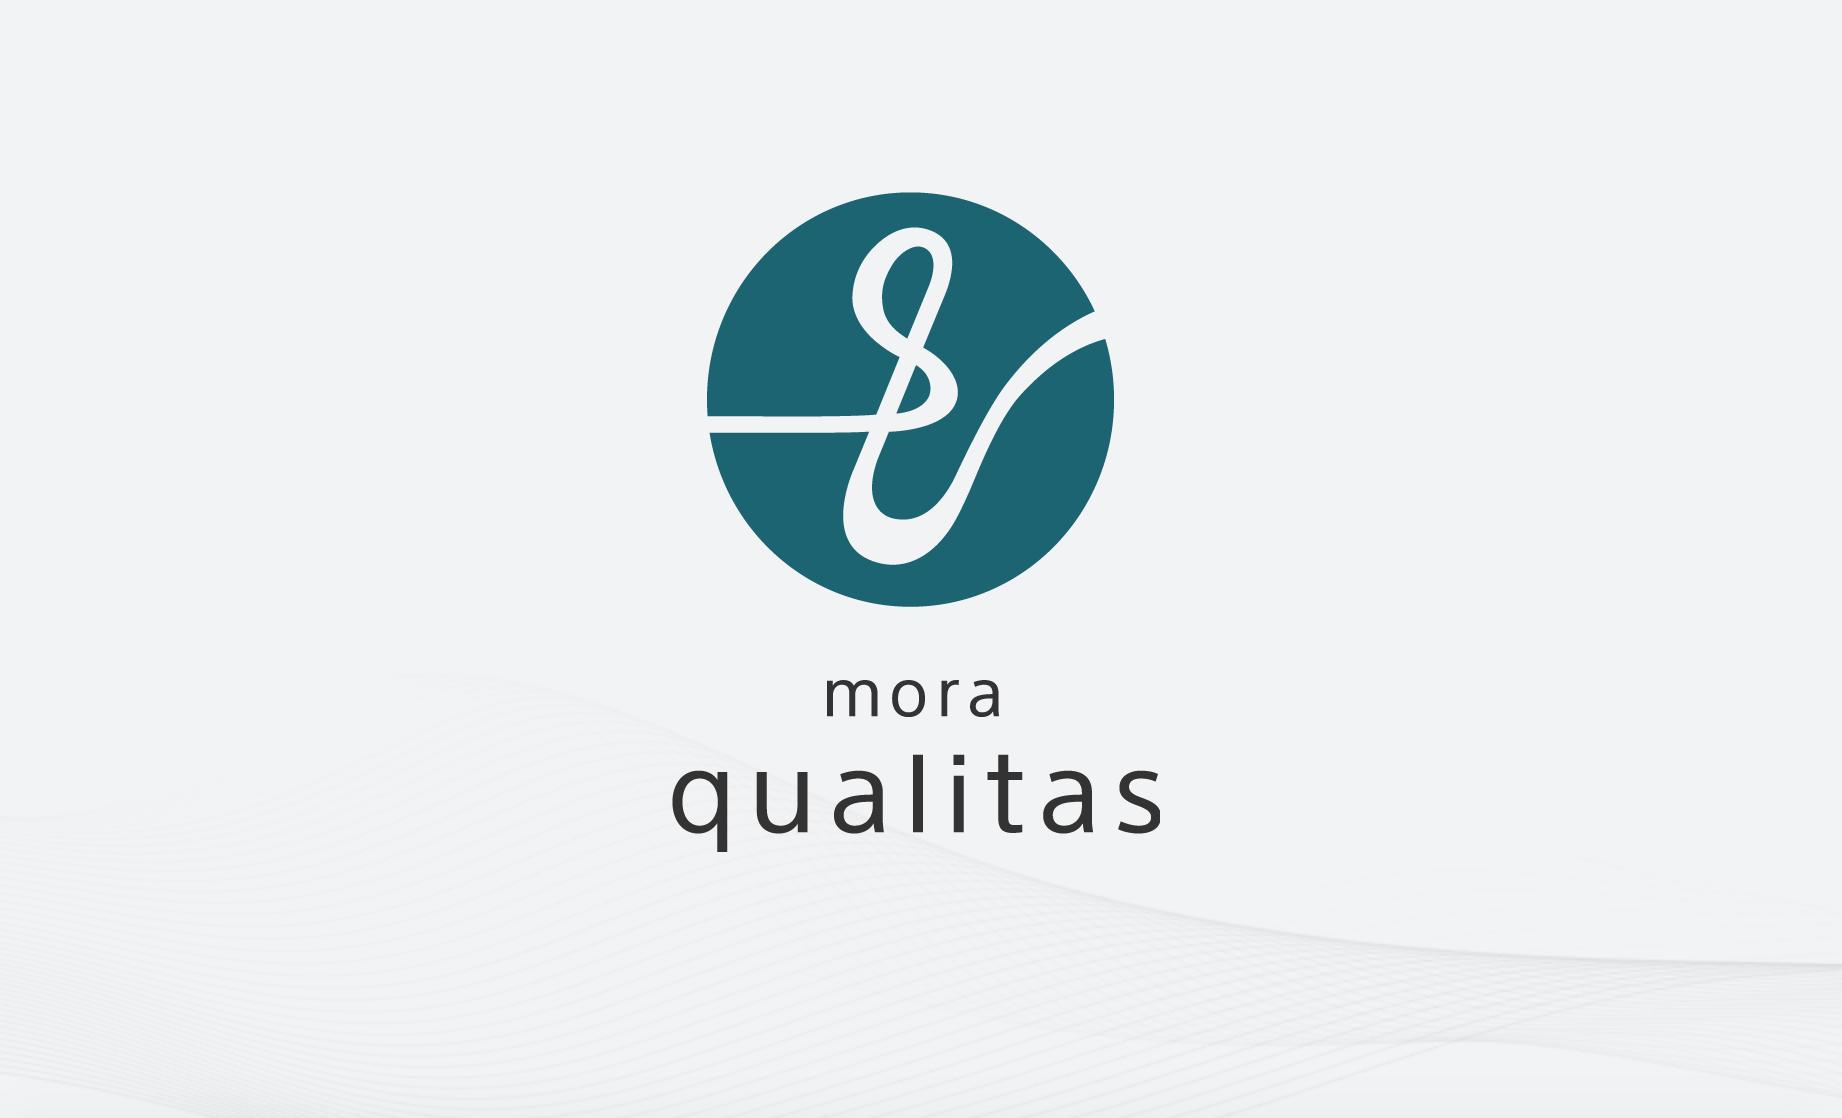 Qualitas mora